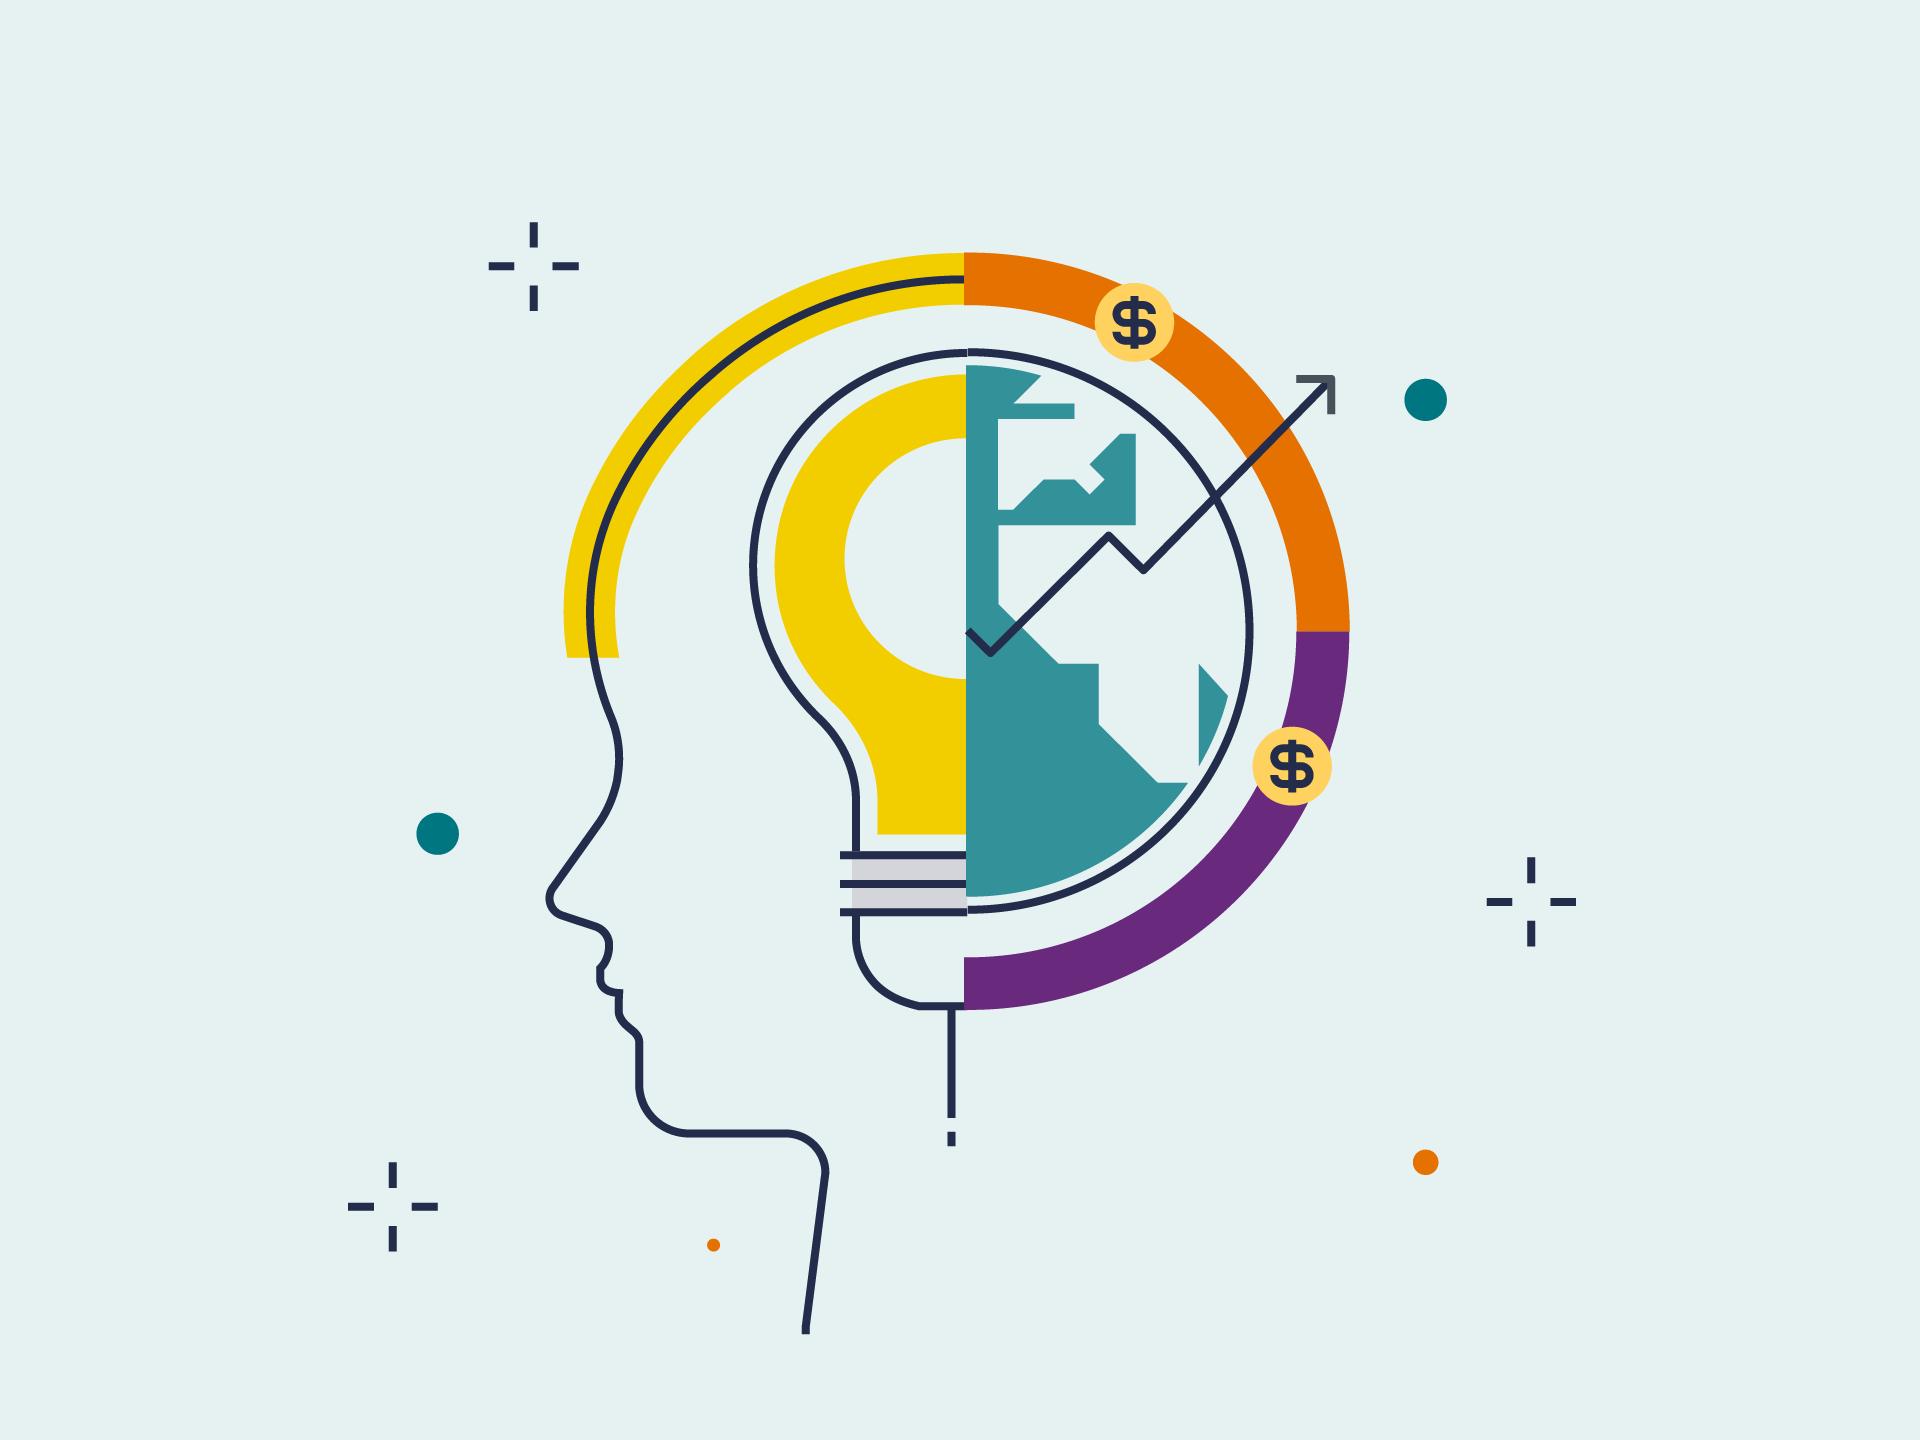 فرآیندهای تفکر طراحی چیست؟